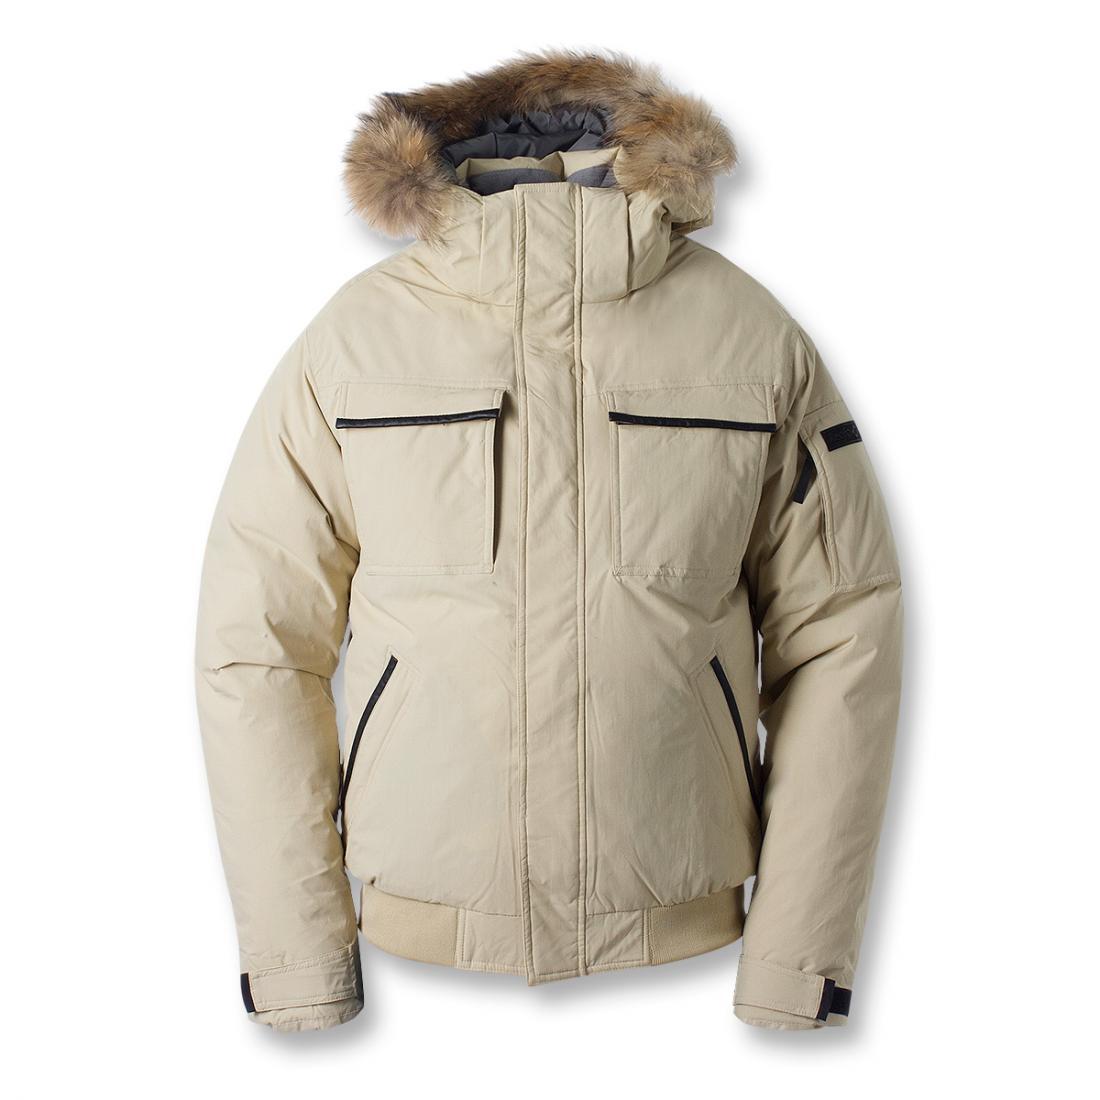 Куртка пуховая Logan IIКуртки<br>Укороченная мужская куртка с гусиным пухом. Непромокаемая верхняя мембранная ткань куртки для защиты пуха от влаги и укрепления теплозащи...<br><br>Цвет: Бежевый<br>Размер: 54